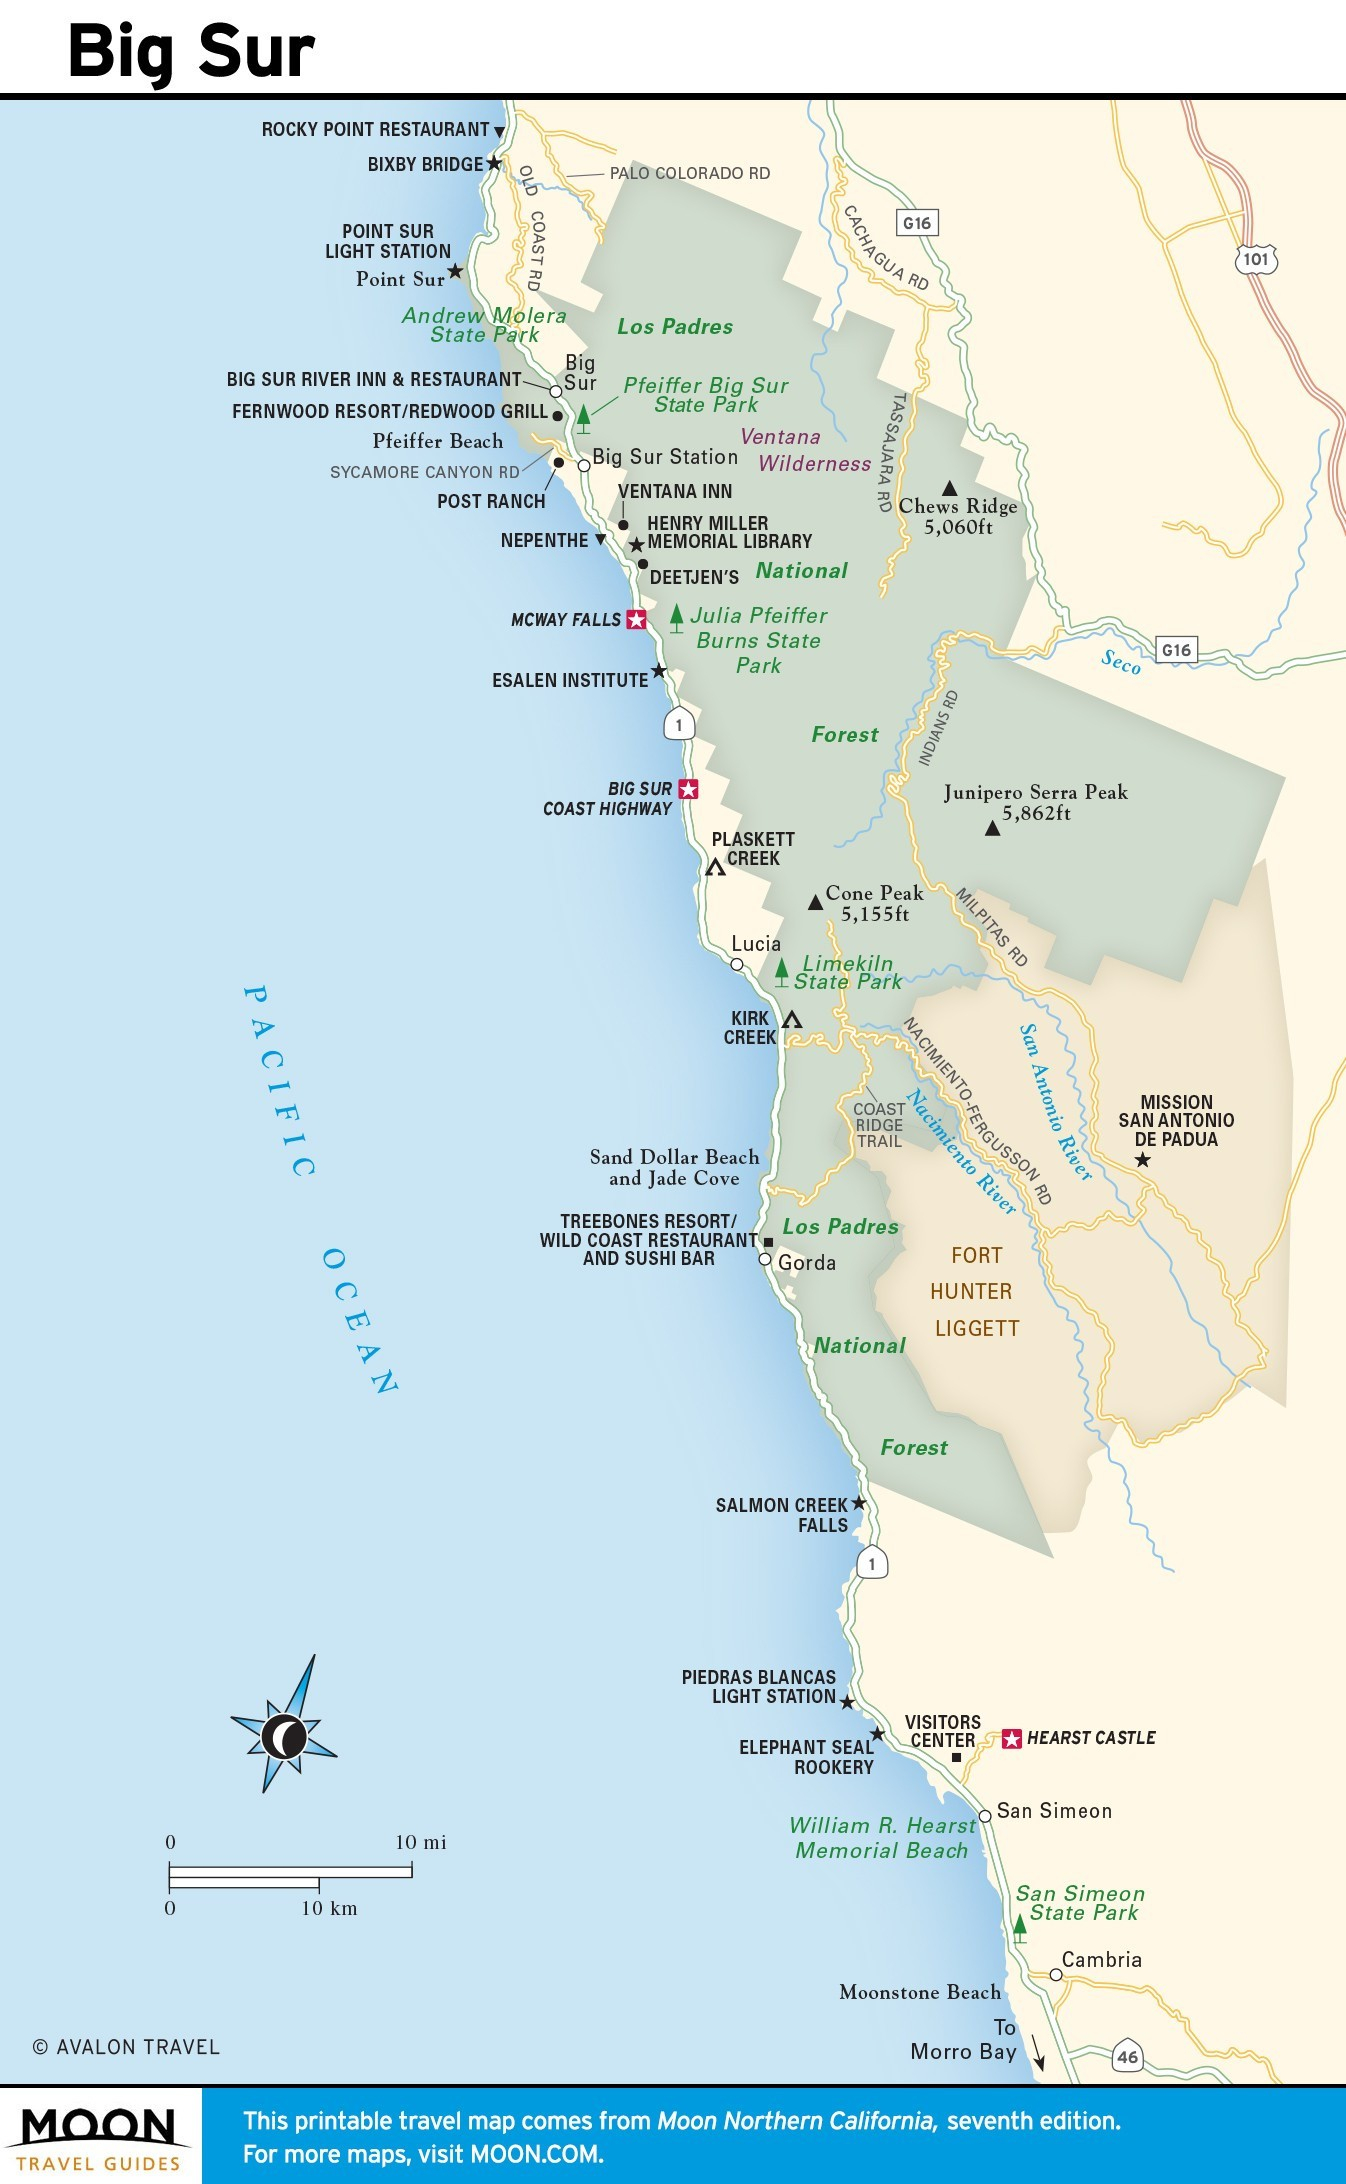 Us East Coast Rail Map Valid California Road Trip Trip Planner Map - California Trip Planner Map